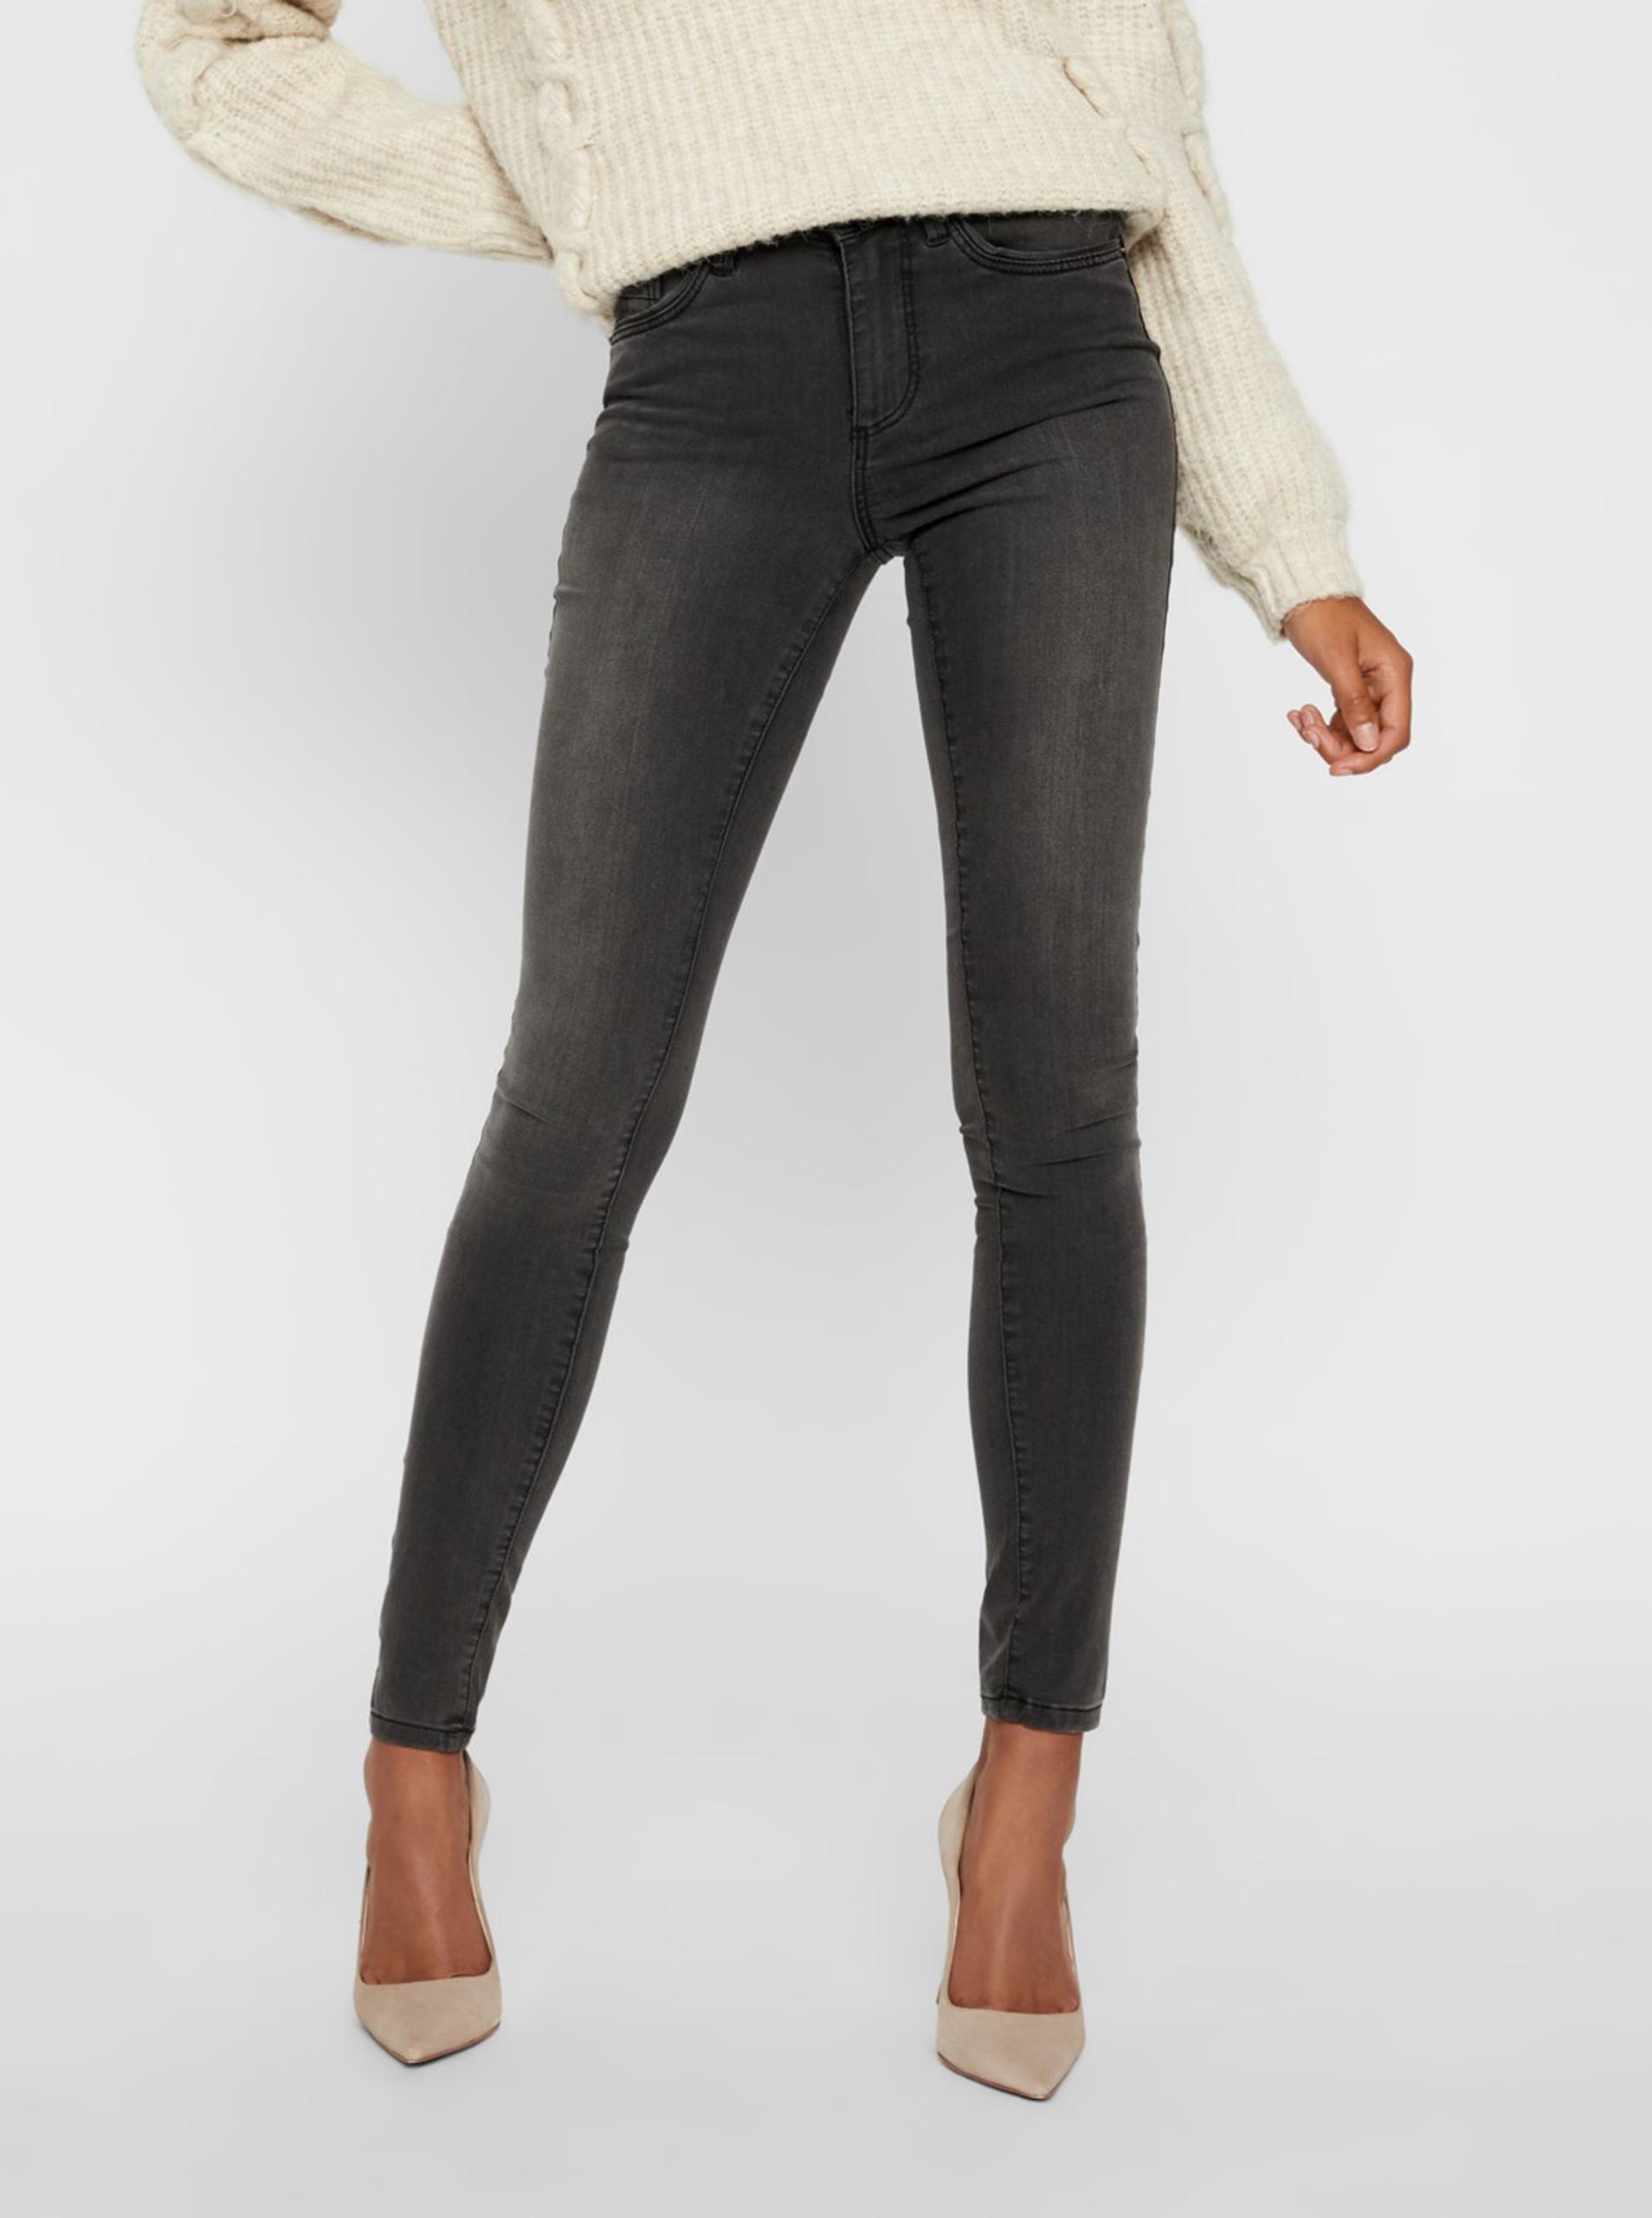 Tmavo šedé skinny fit džínsy VERO MODA Tanya - XL